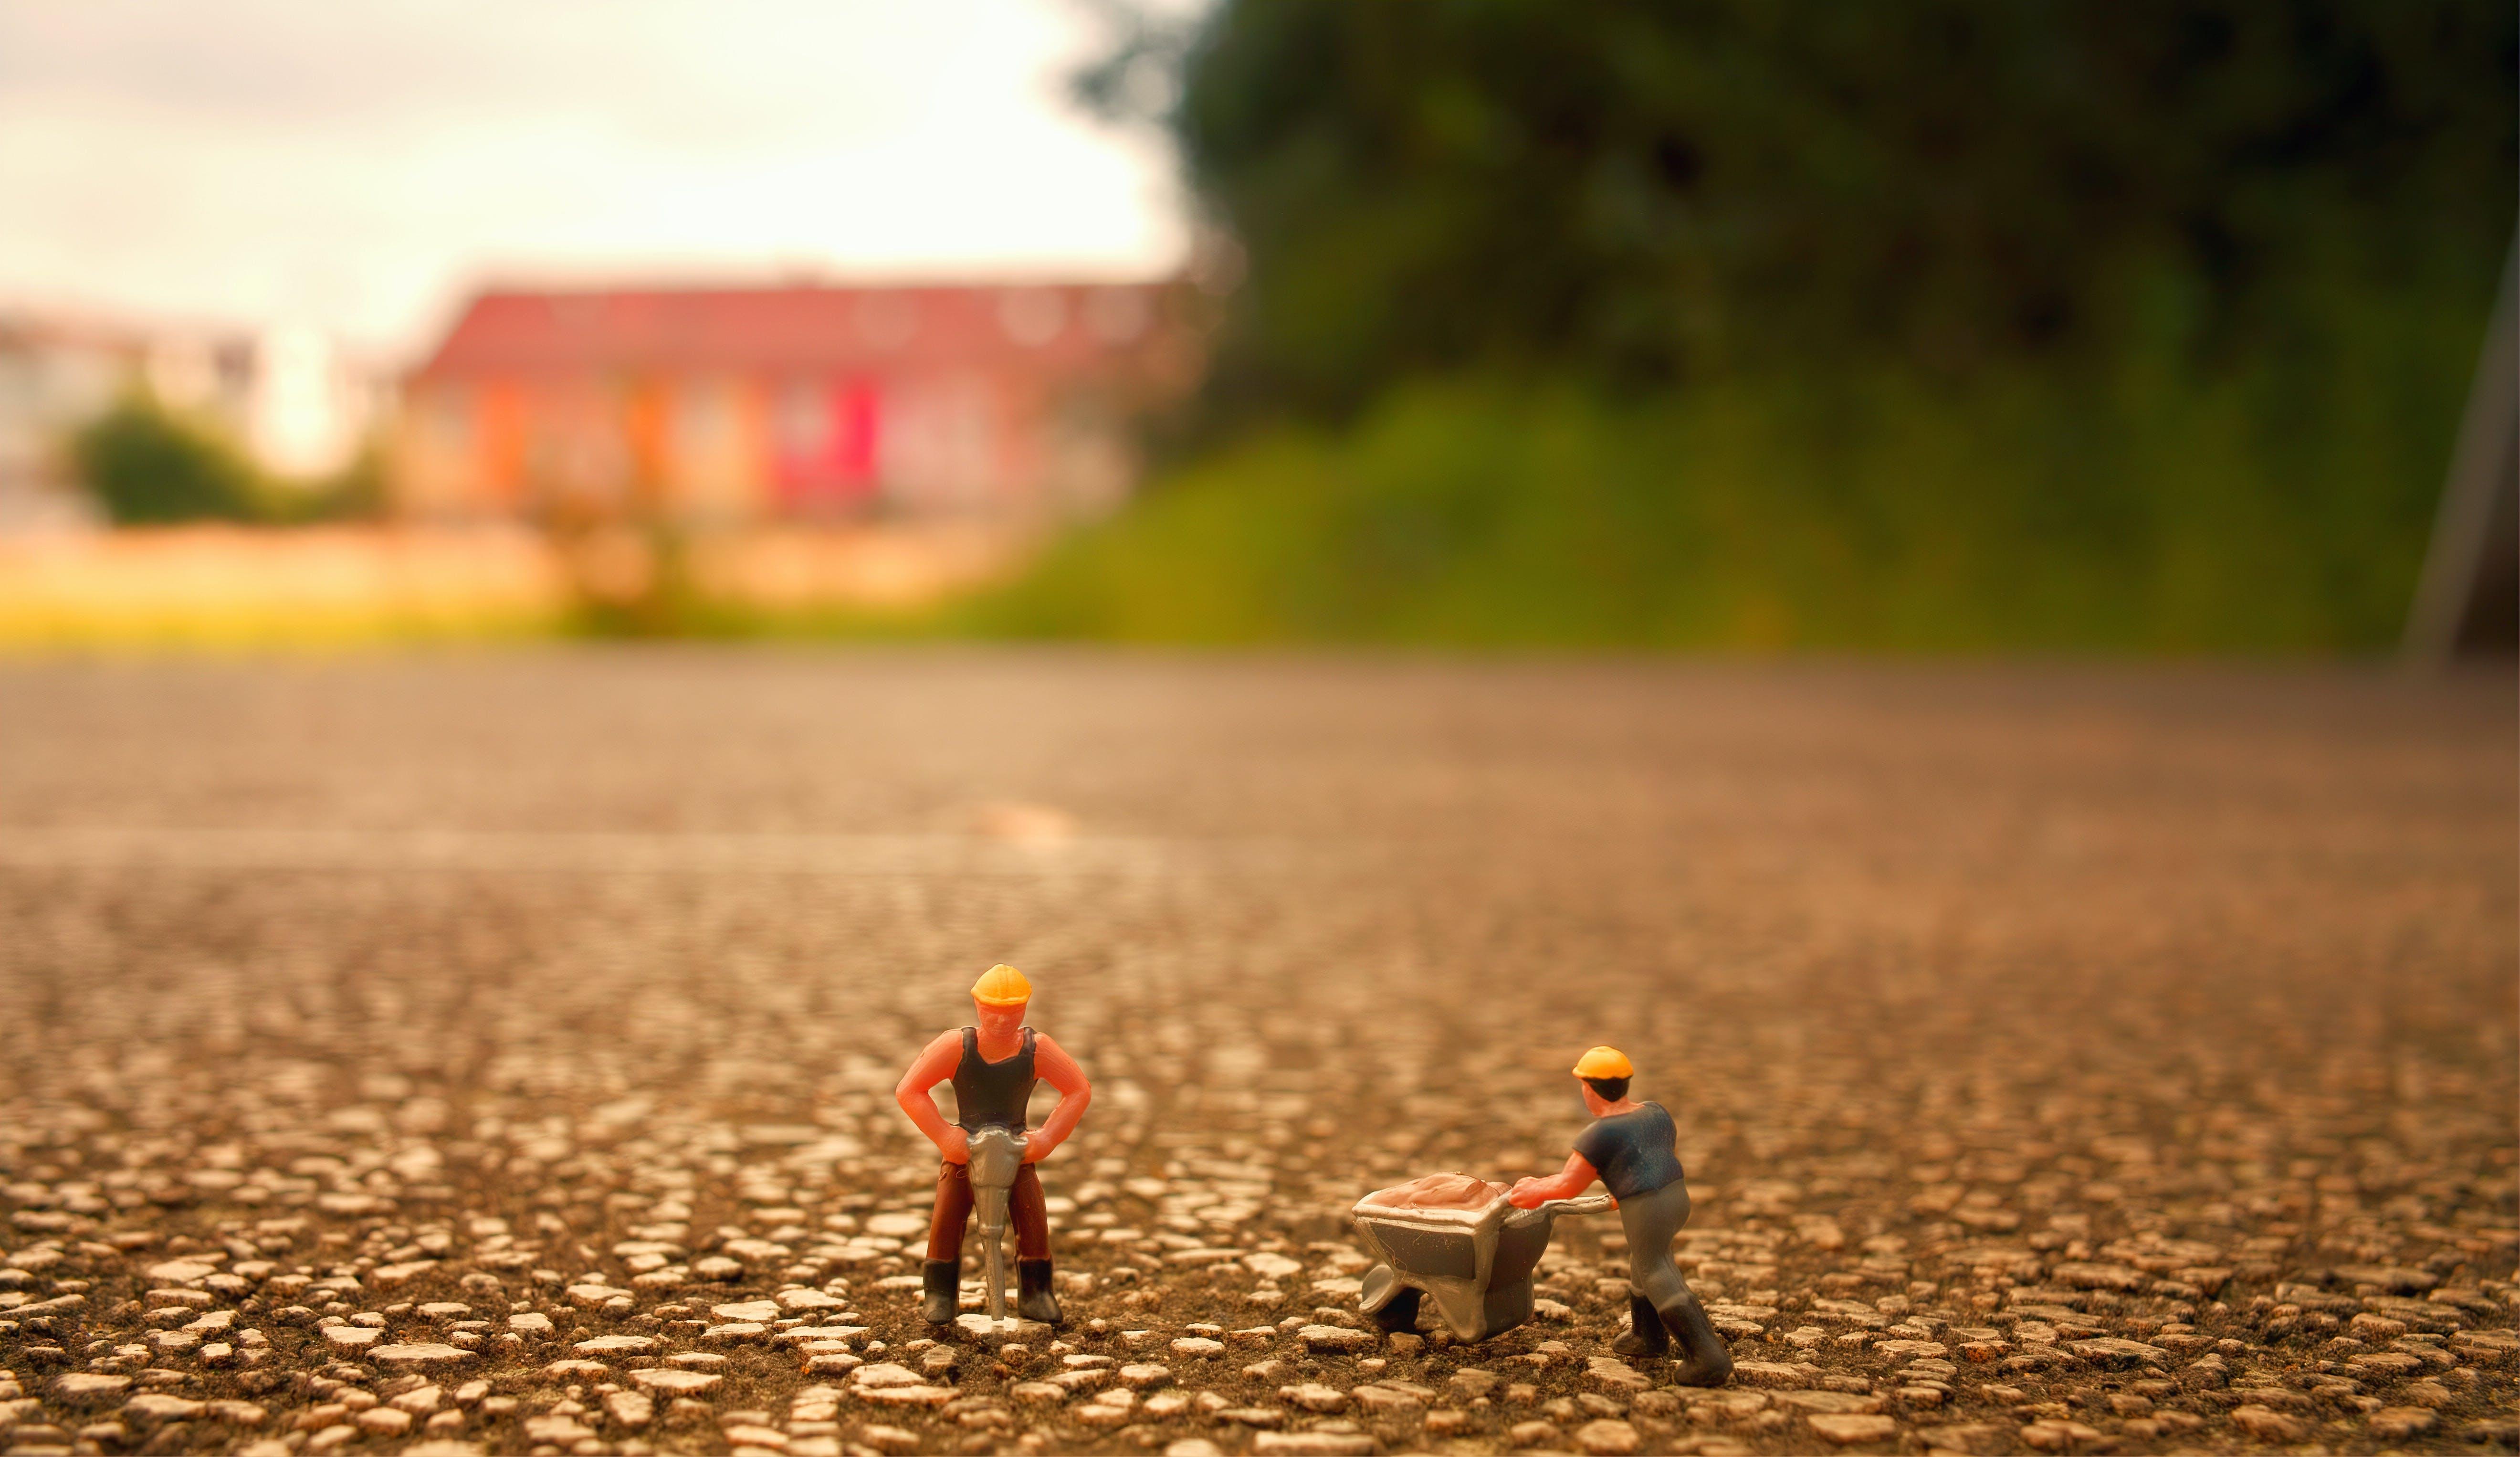 건설 노동자, 경치, 떼다, 모래의 무료 스톡 사진